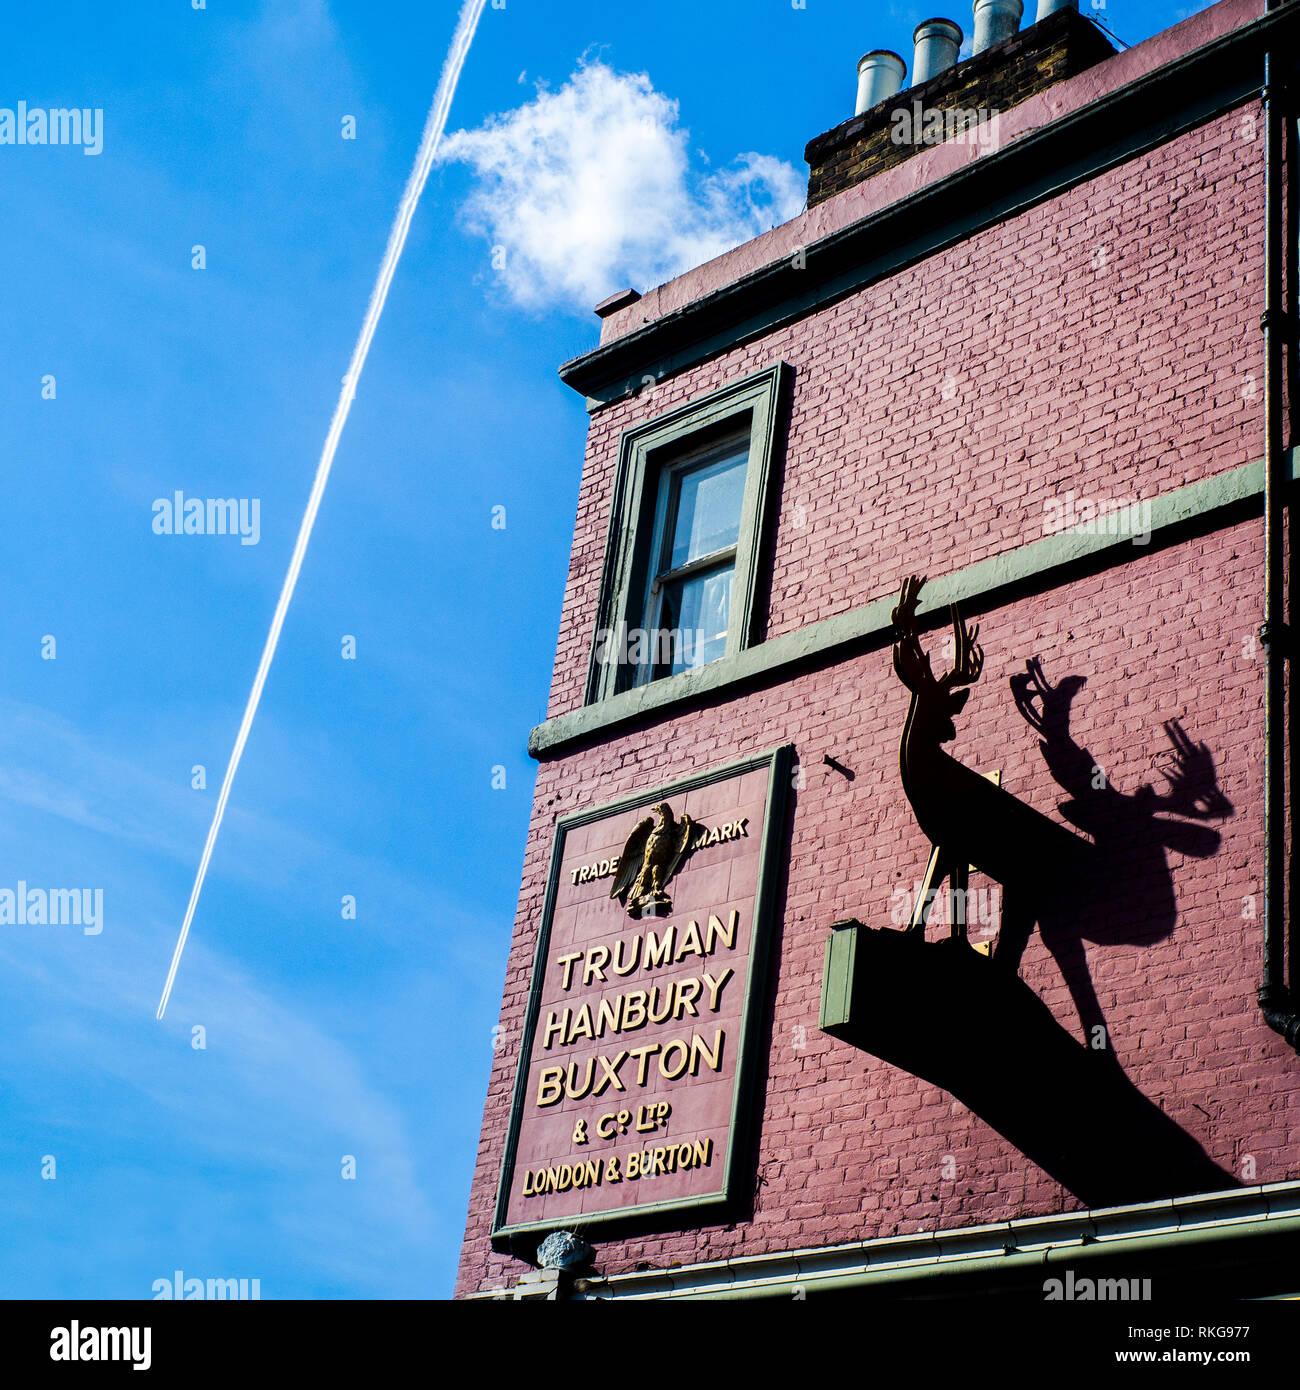 Vue du plan et vapeur avec panache pub en premier plan, les bucks head pub la signalisation extérieure, Camden, Buxton et Hanbury Truman Co Ltd London Burton Photo Stock